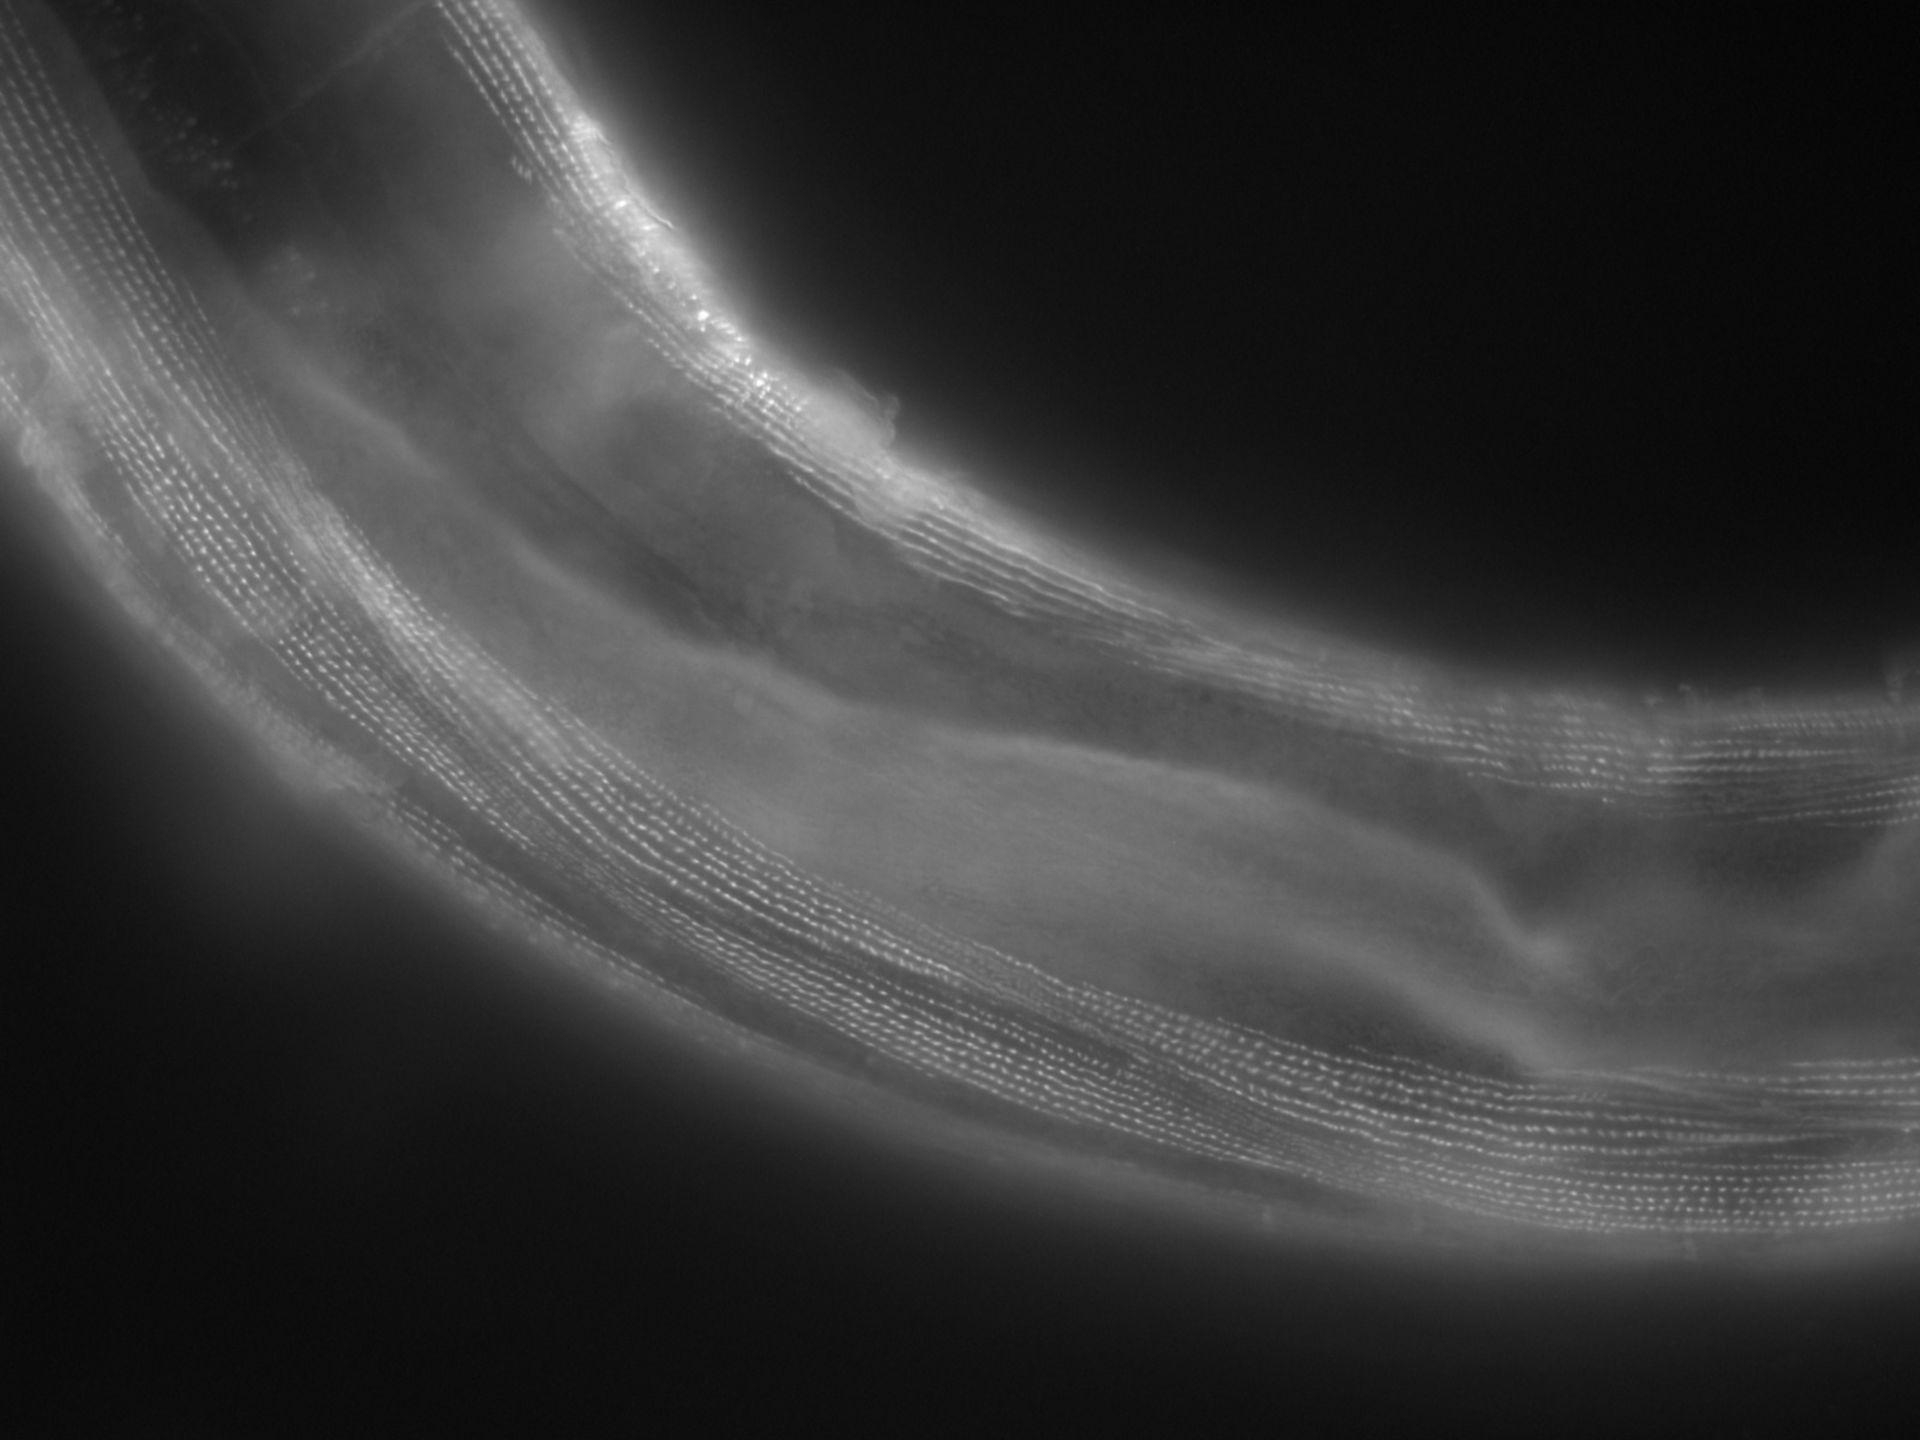 Caenorhabditis elegans (Actin filament) - CIL:1162